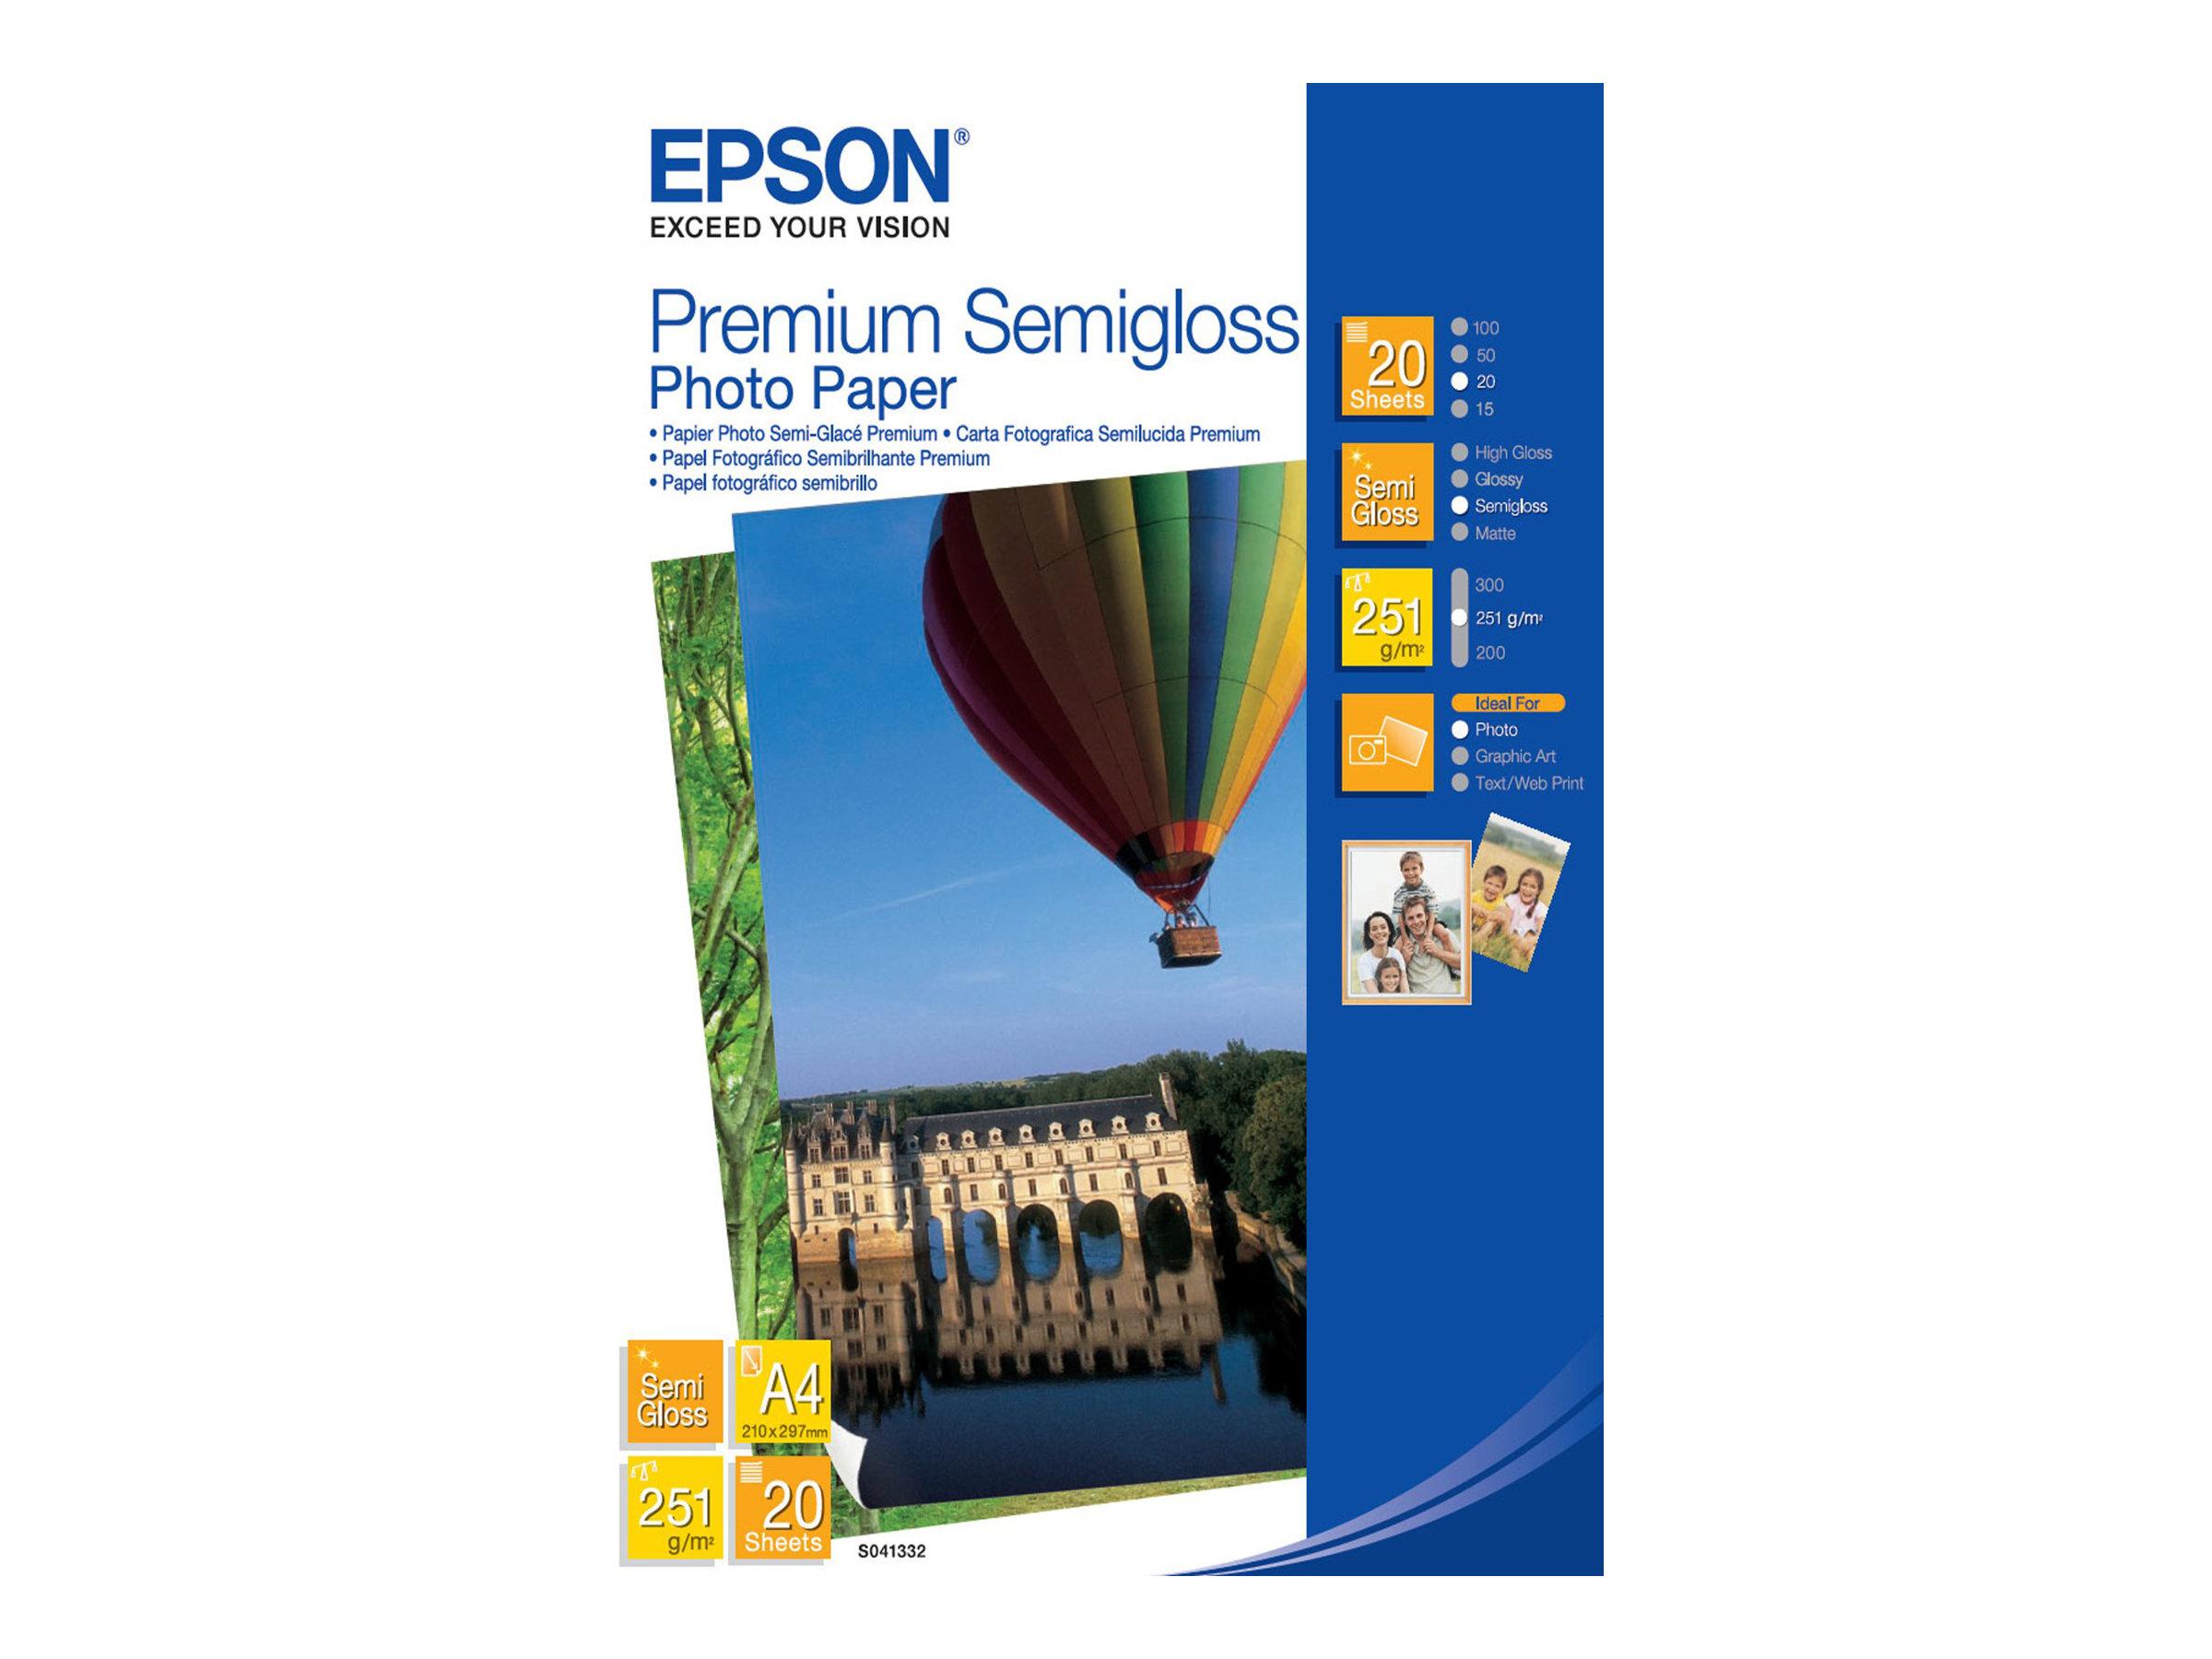 EPSON PREMIUM SEMIGLOSS PHOTO PAPER SEMIBRILLANTE